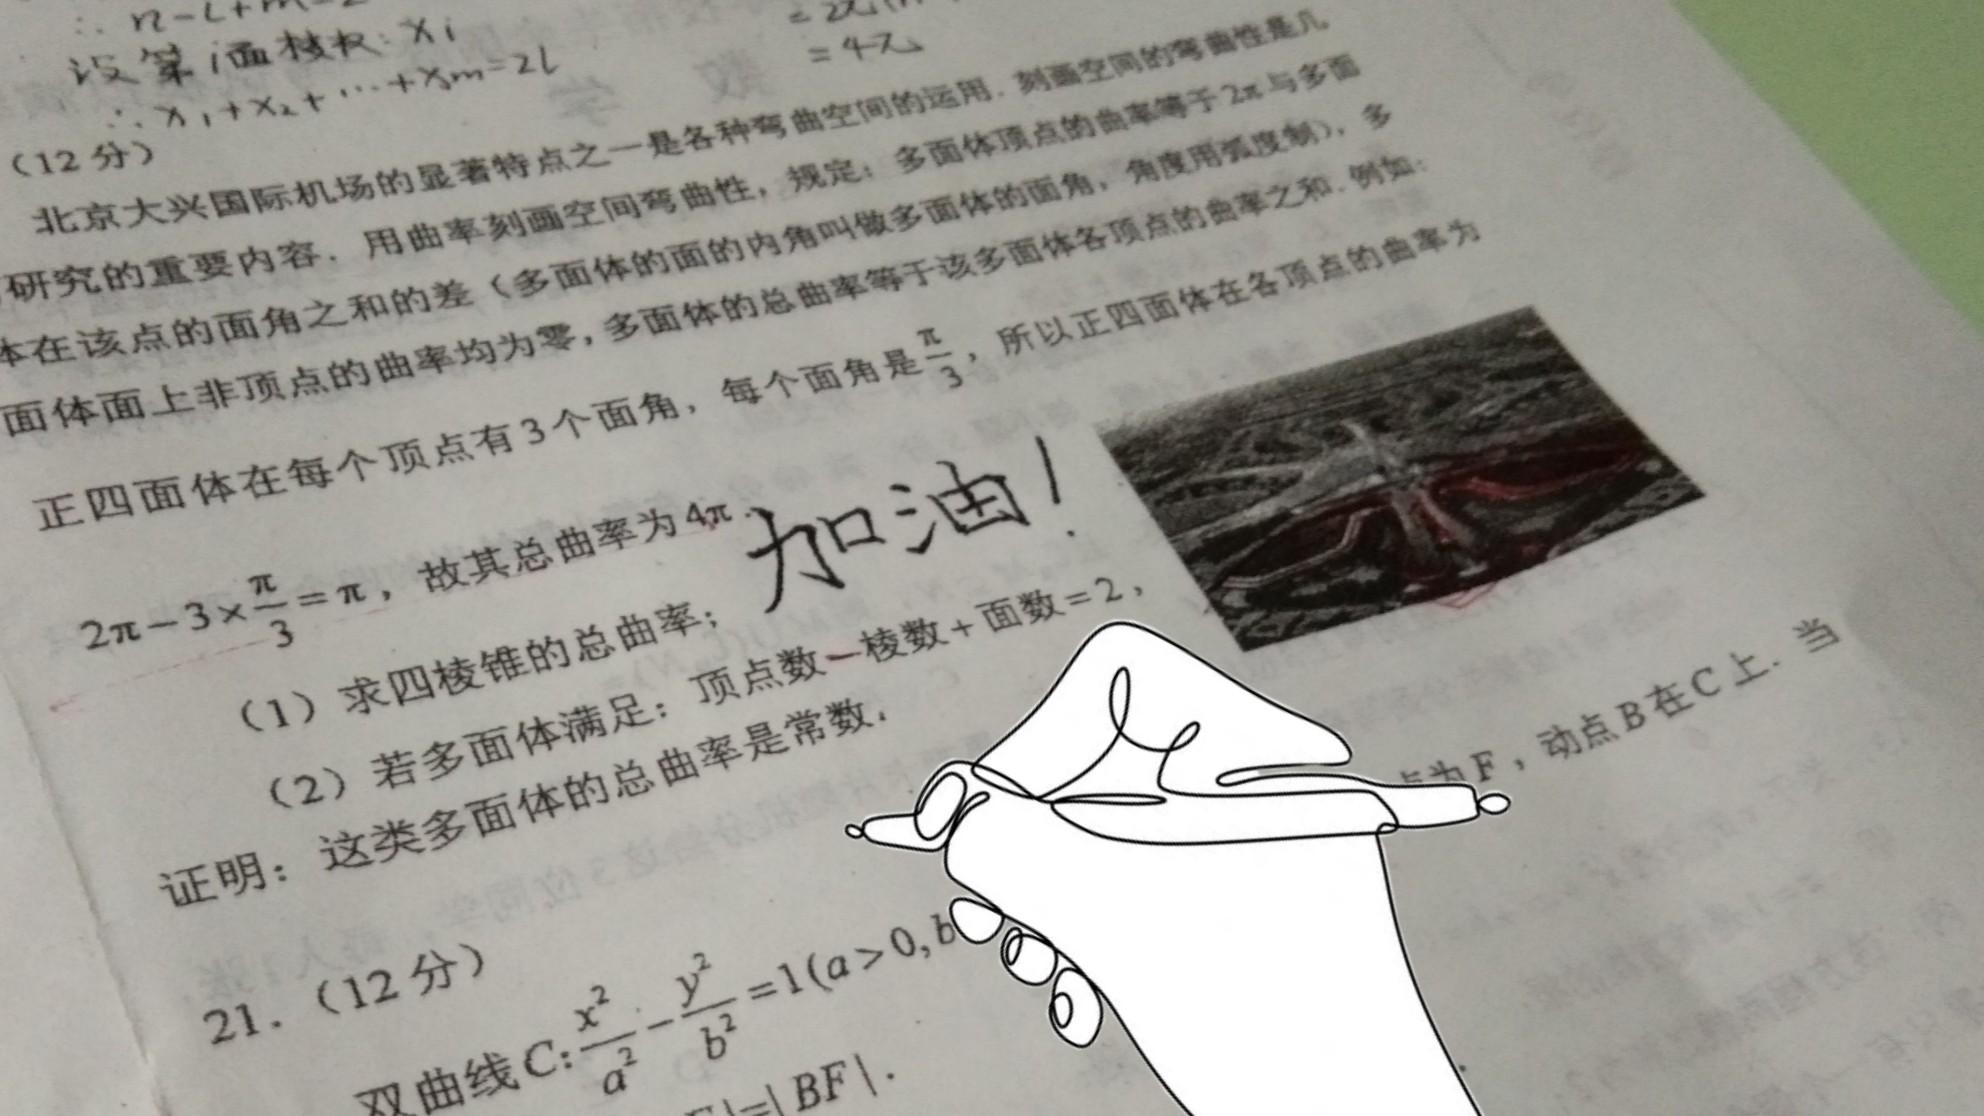 【MAD/高考应援】谨以此视频献予2021届高考考生!